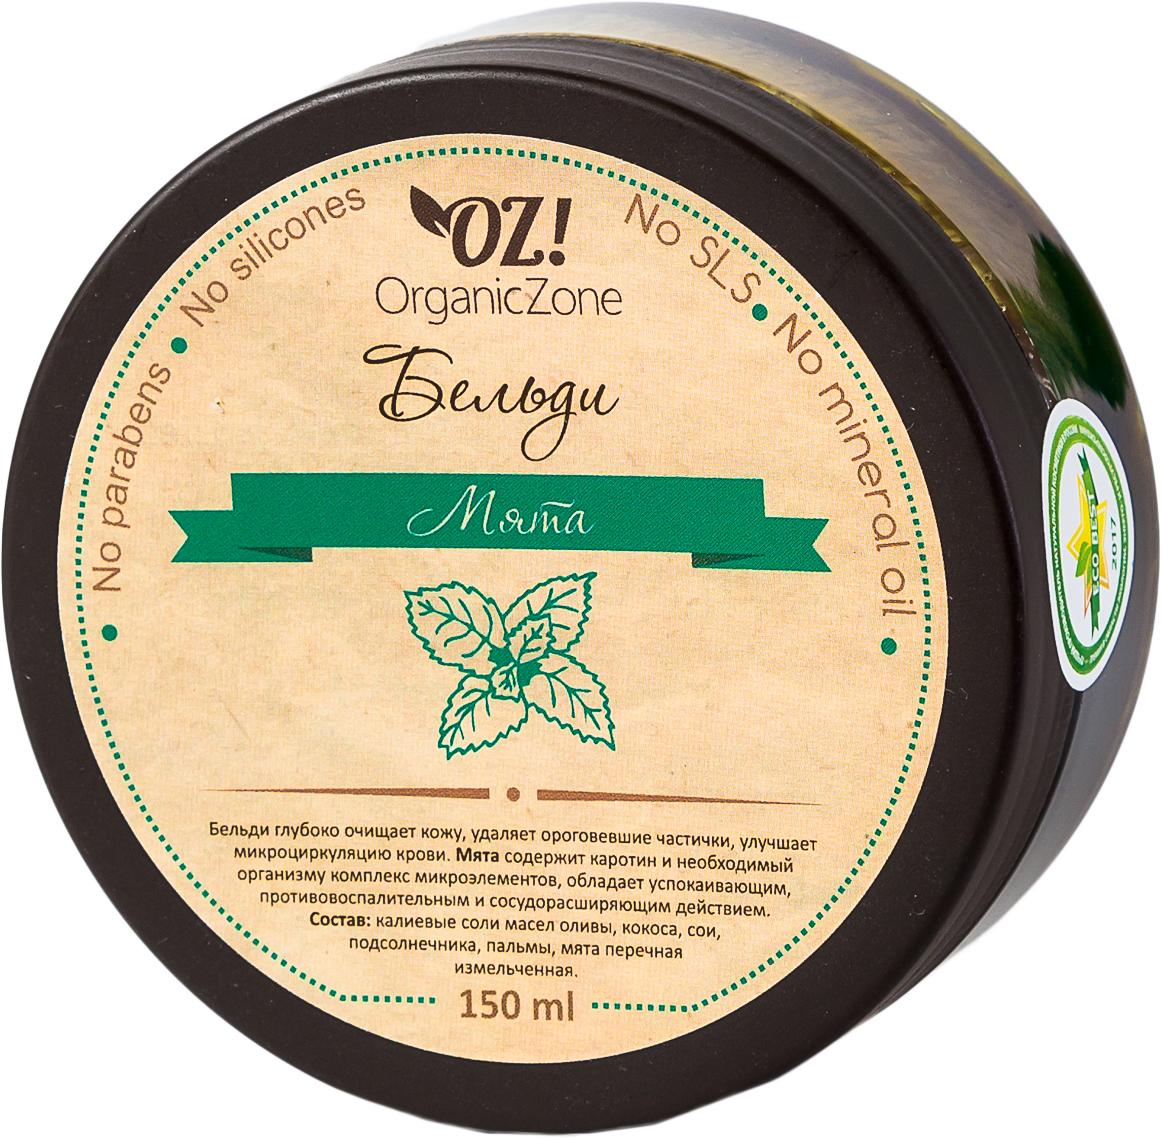 OrganicZone Бельди Мята, 150 мл4626018133910Глубоко очищает кожу, удаляет ороговевшие частички, улучшает микроциркуляцию крови. Мята содержит каротин и необходимый организму комплекс микроэлементов, обладает успокаивающим, противовоспалительным и сосудорасширяющим свойствами.